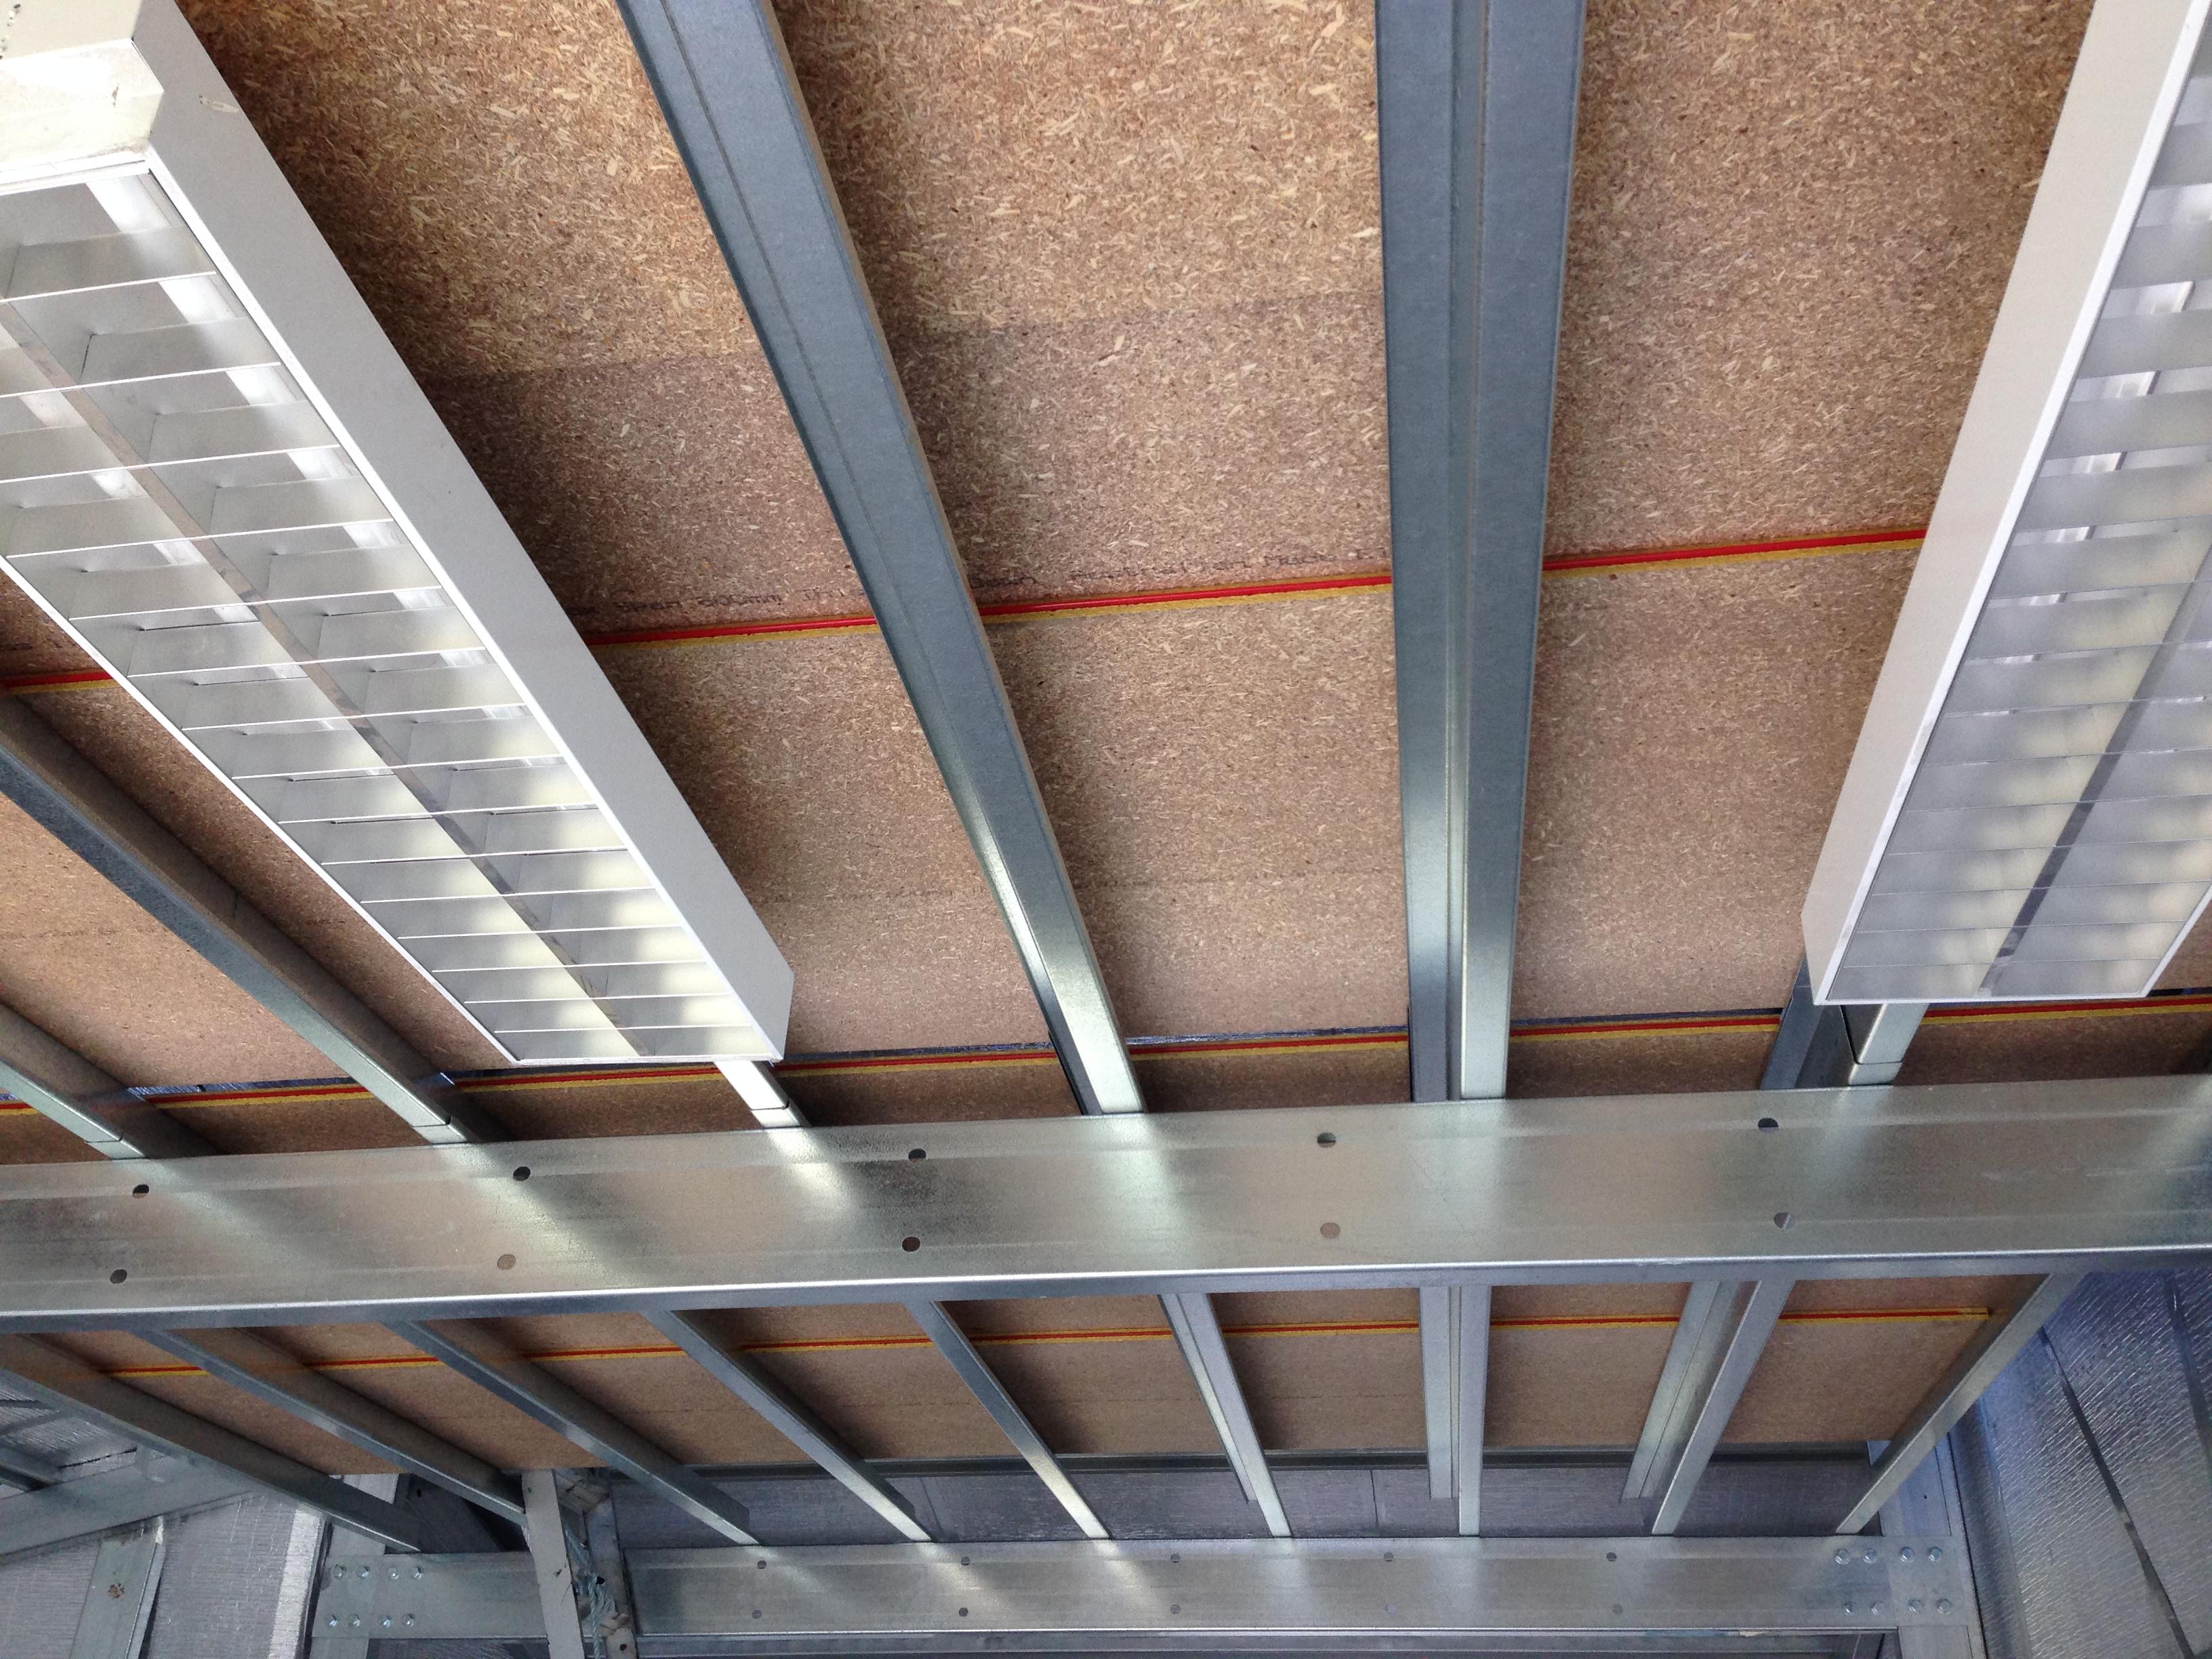 Mezzanine stu 39 s shed for How to build a mezzanine